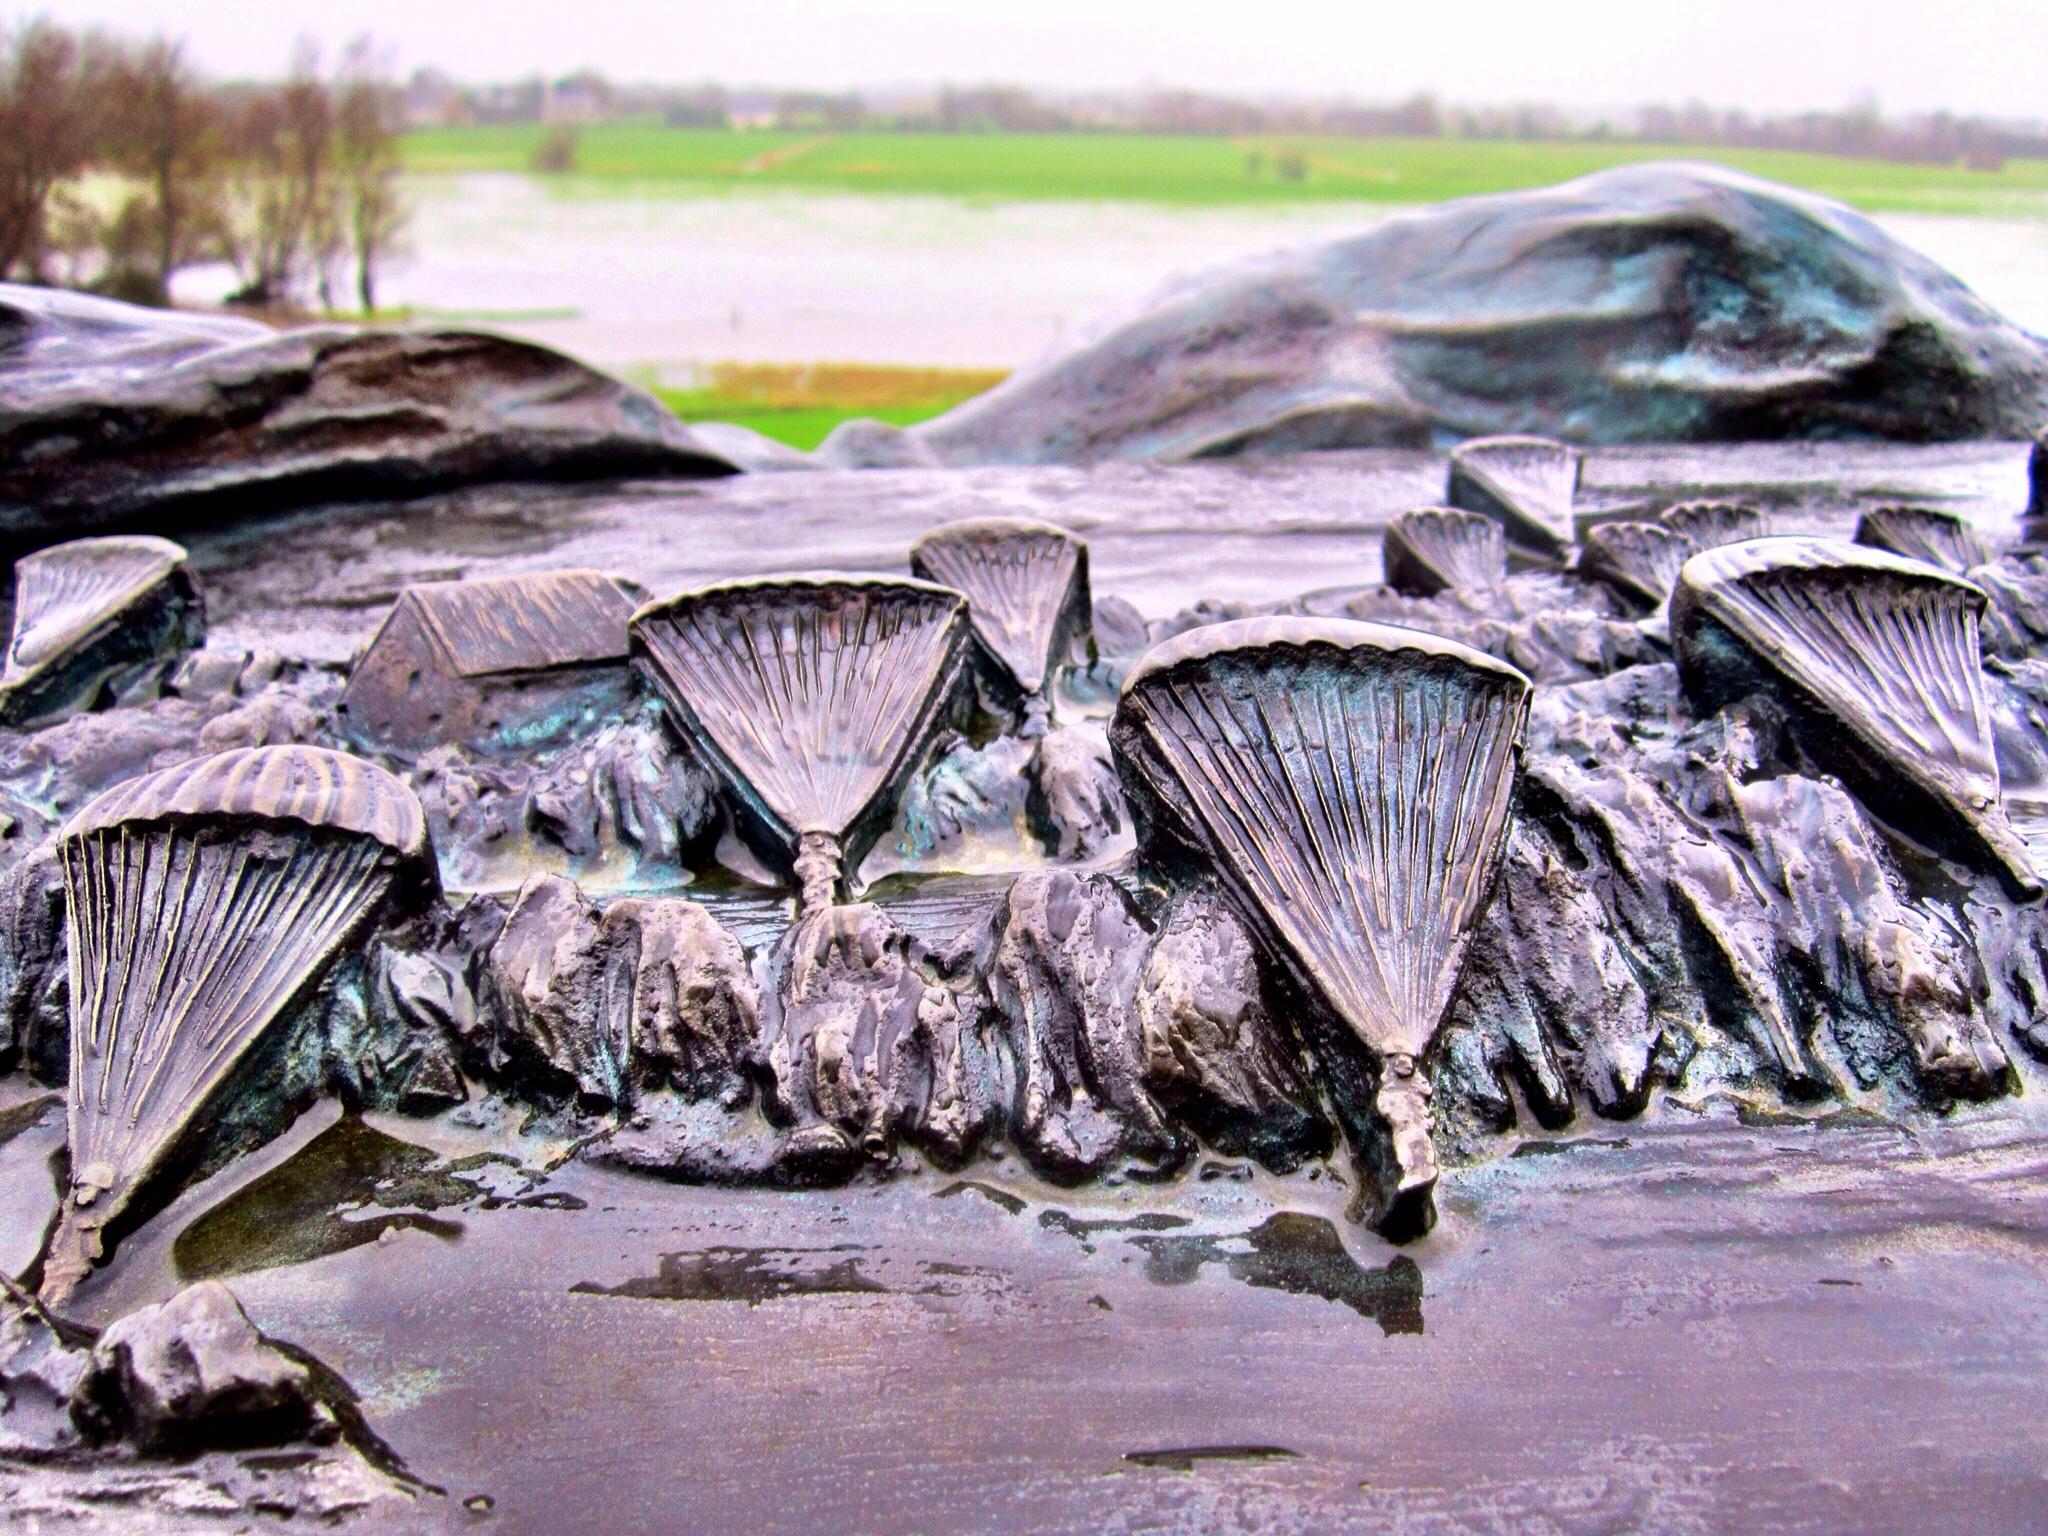 Paratrooper memorial at the Merderet River